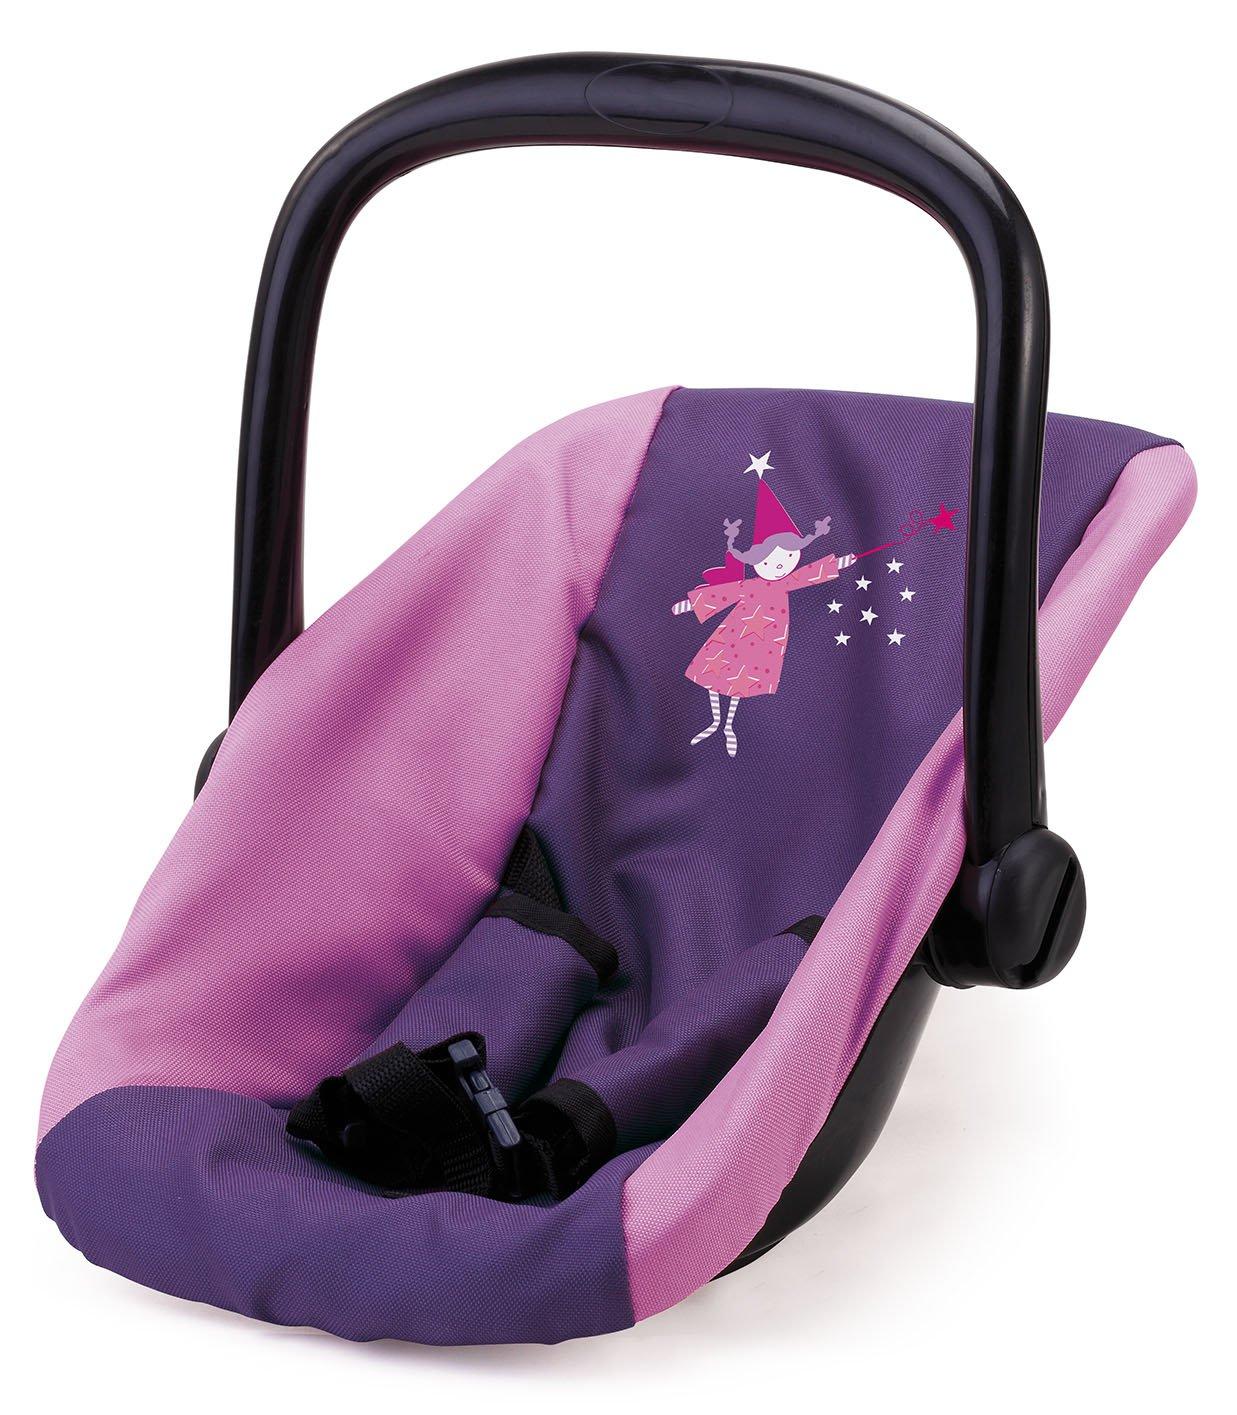 Bayer Chic 2000 708 25 Puppen-Autositz f/ür Babypuppen Lila